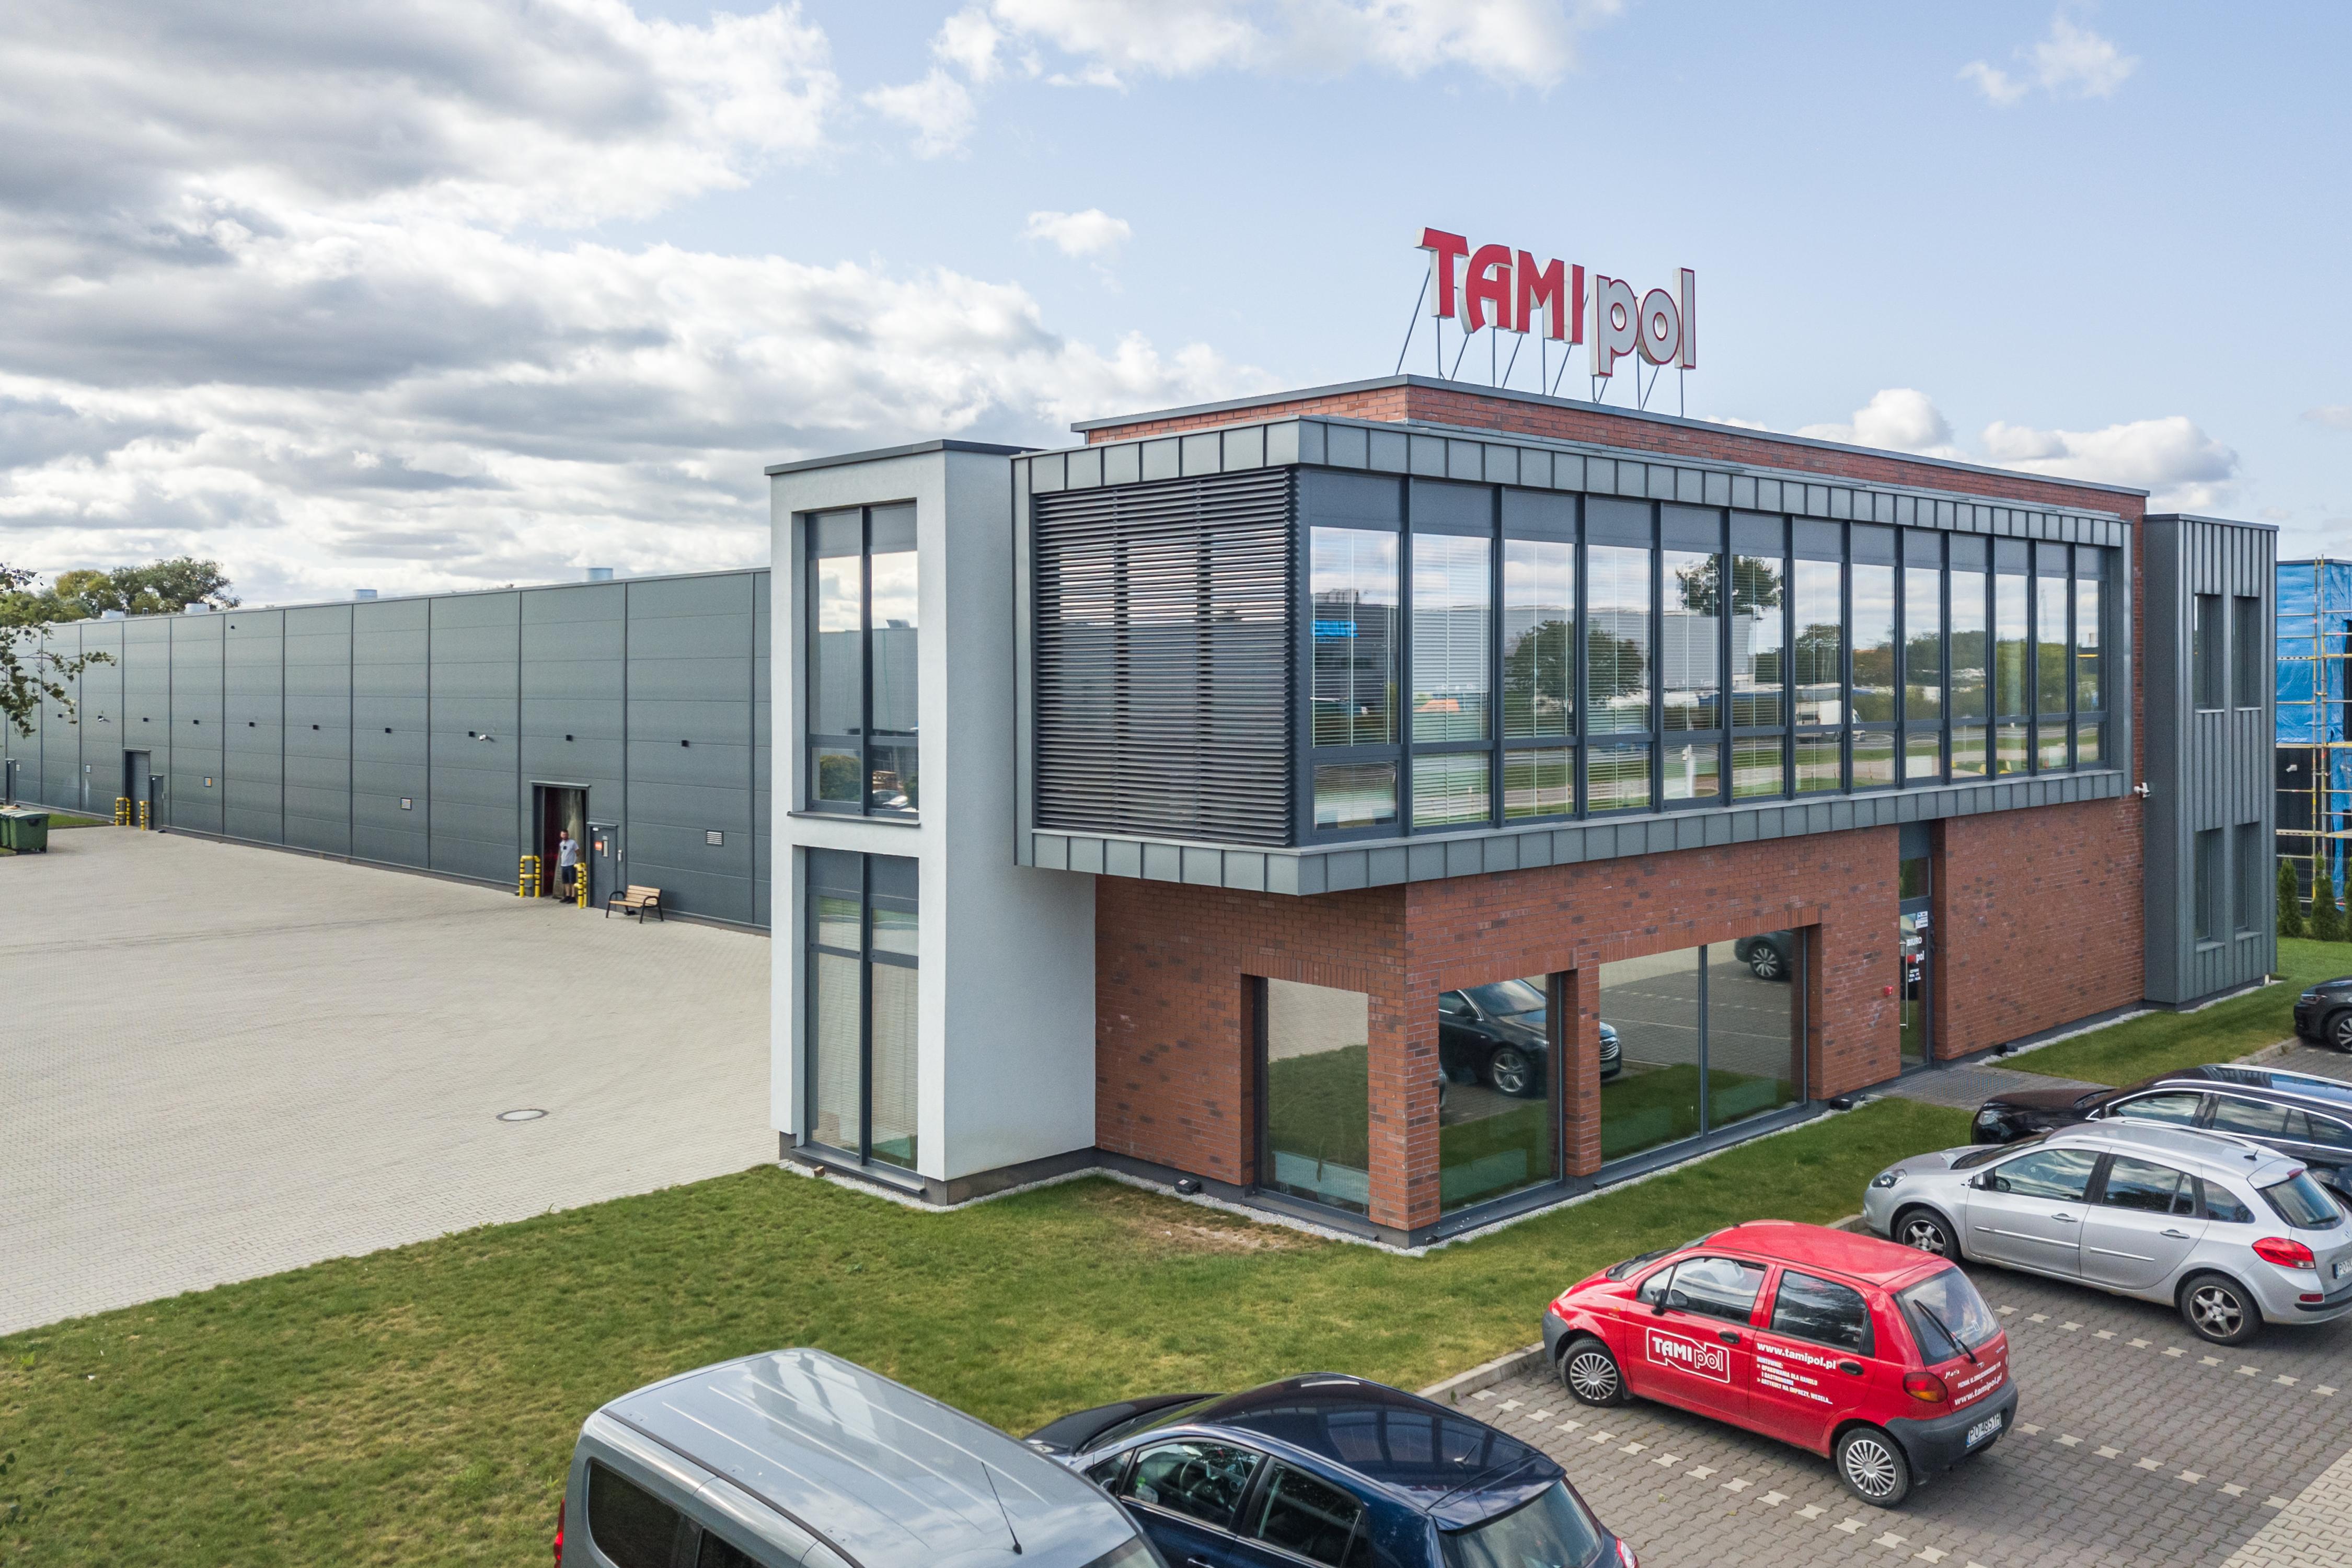 Budynek magazynowy z częścią administracyjną M S Budownictwo Sp. z o. o. sp. k. Tarnowo Podgórne Widok z lotu ptaka Parking